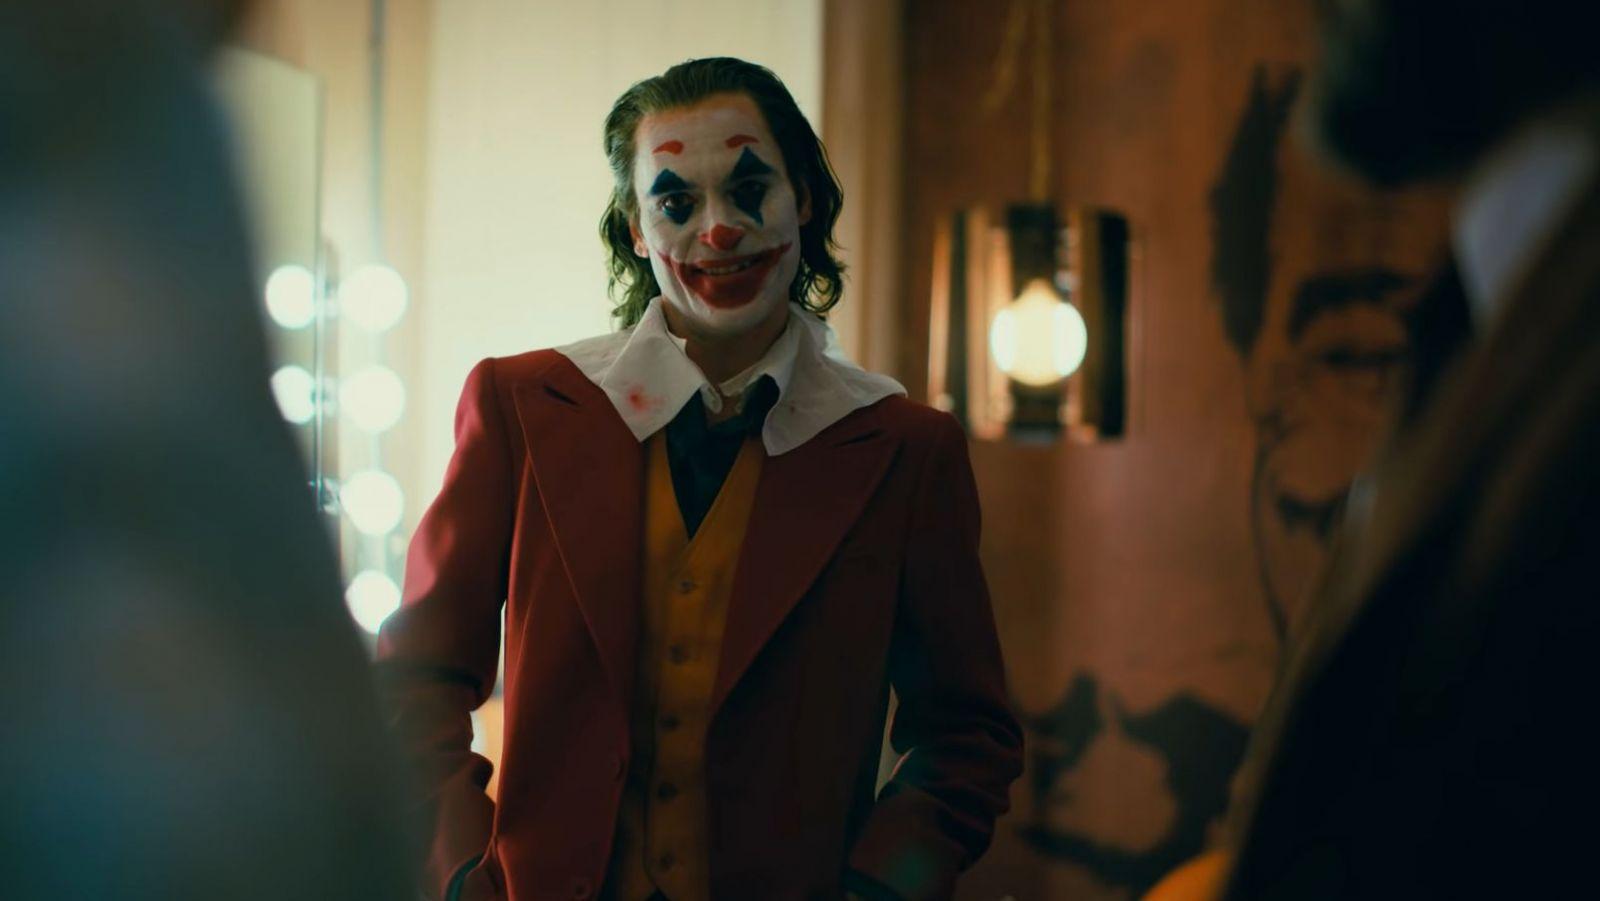 Jeden z tvorcov filmu Joker odpovedá na otázku, či Arthur zabil, alebo nezabil svoju susedku Sophie, s ktorou mal vymyslený vzťah